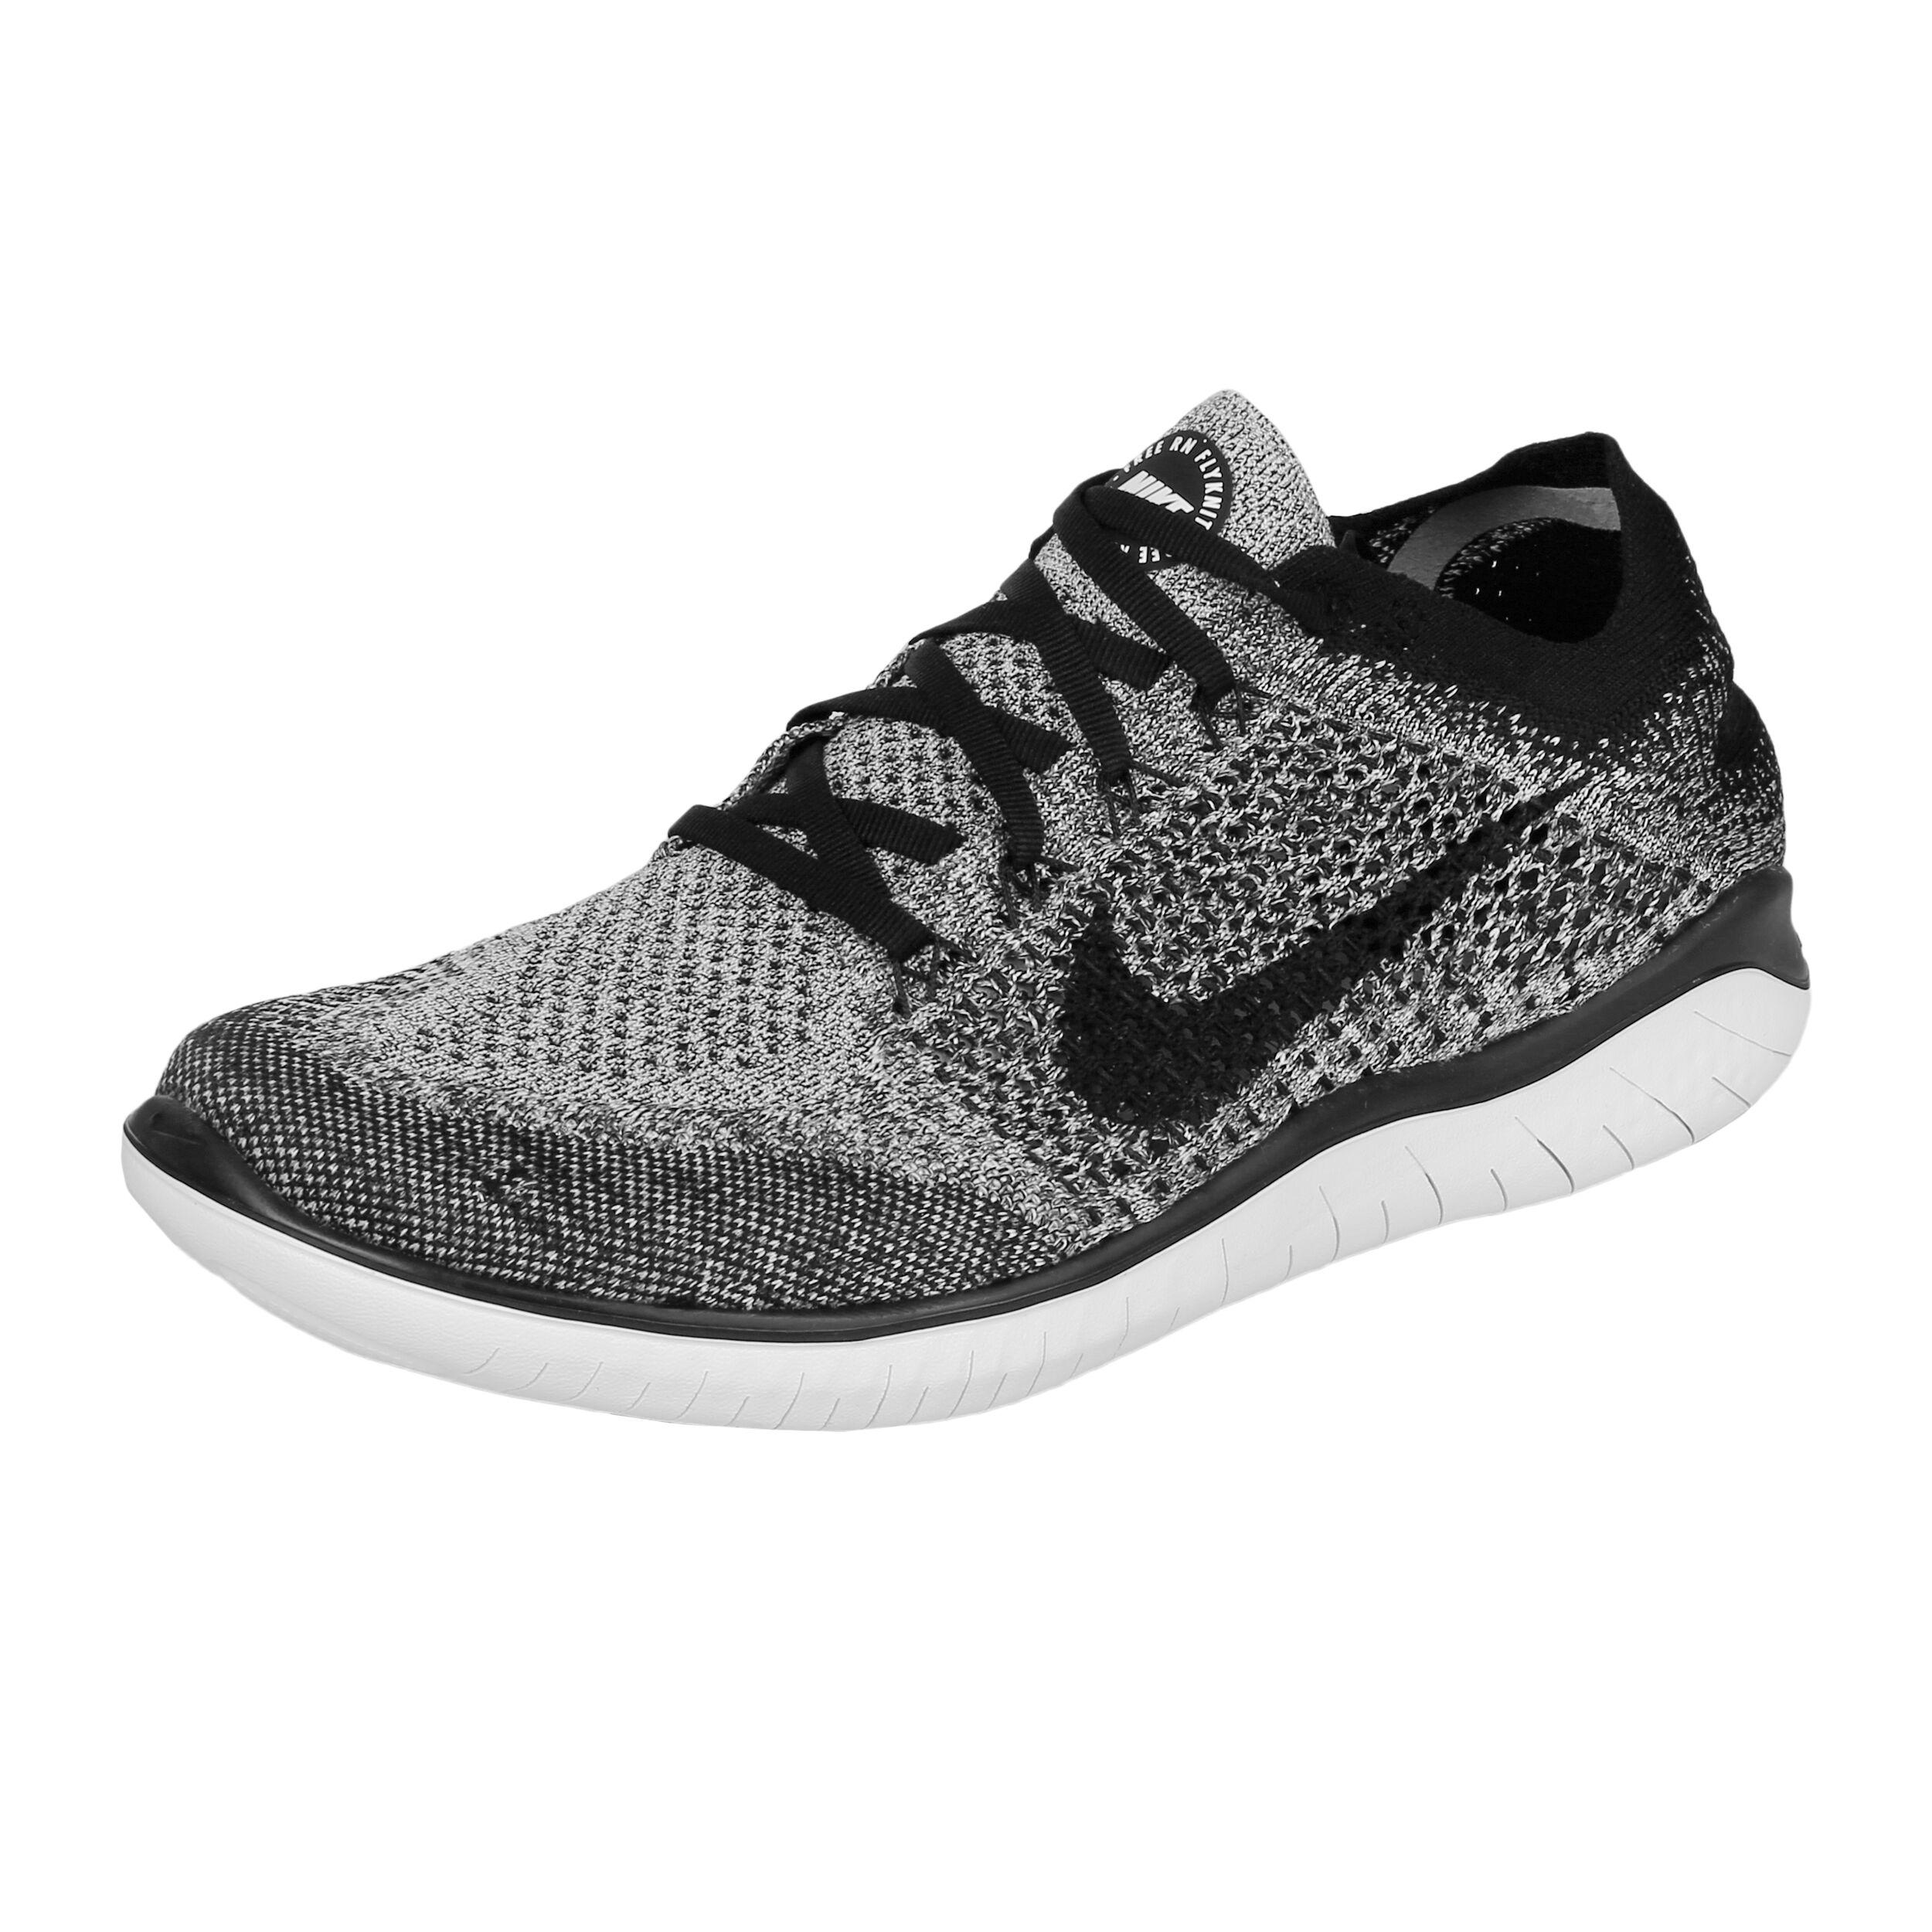 Nike Free Run Flyknit 2018 Fitnessschoen Heren Wit, Zwart